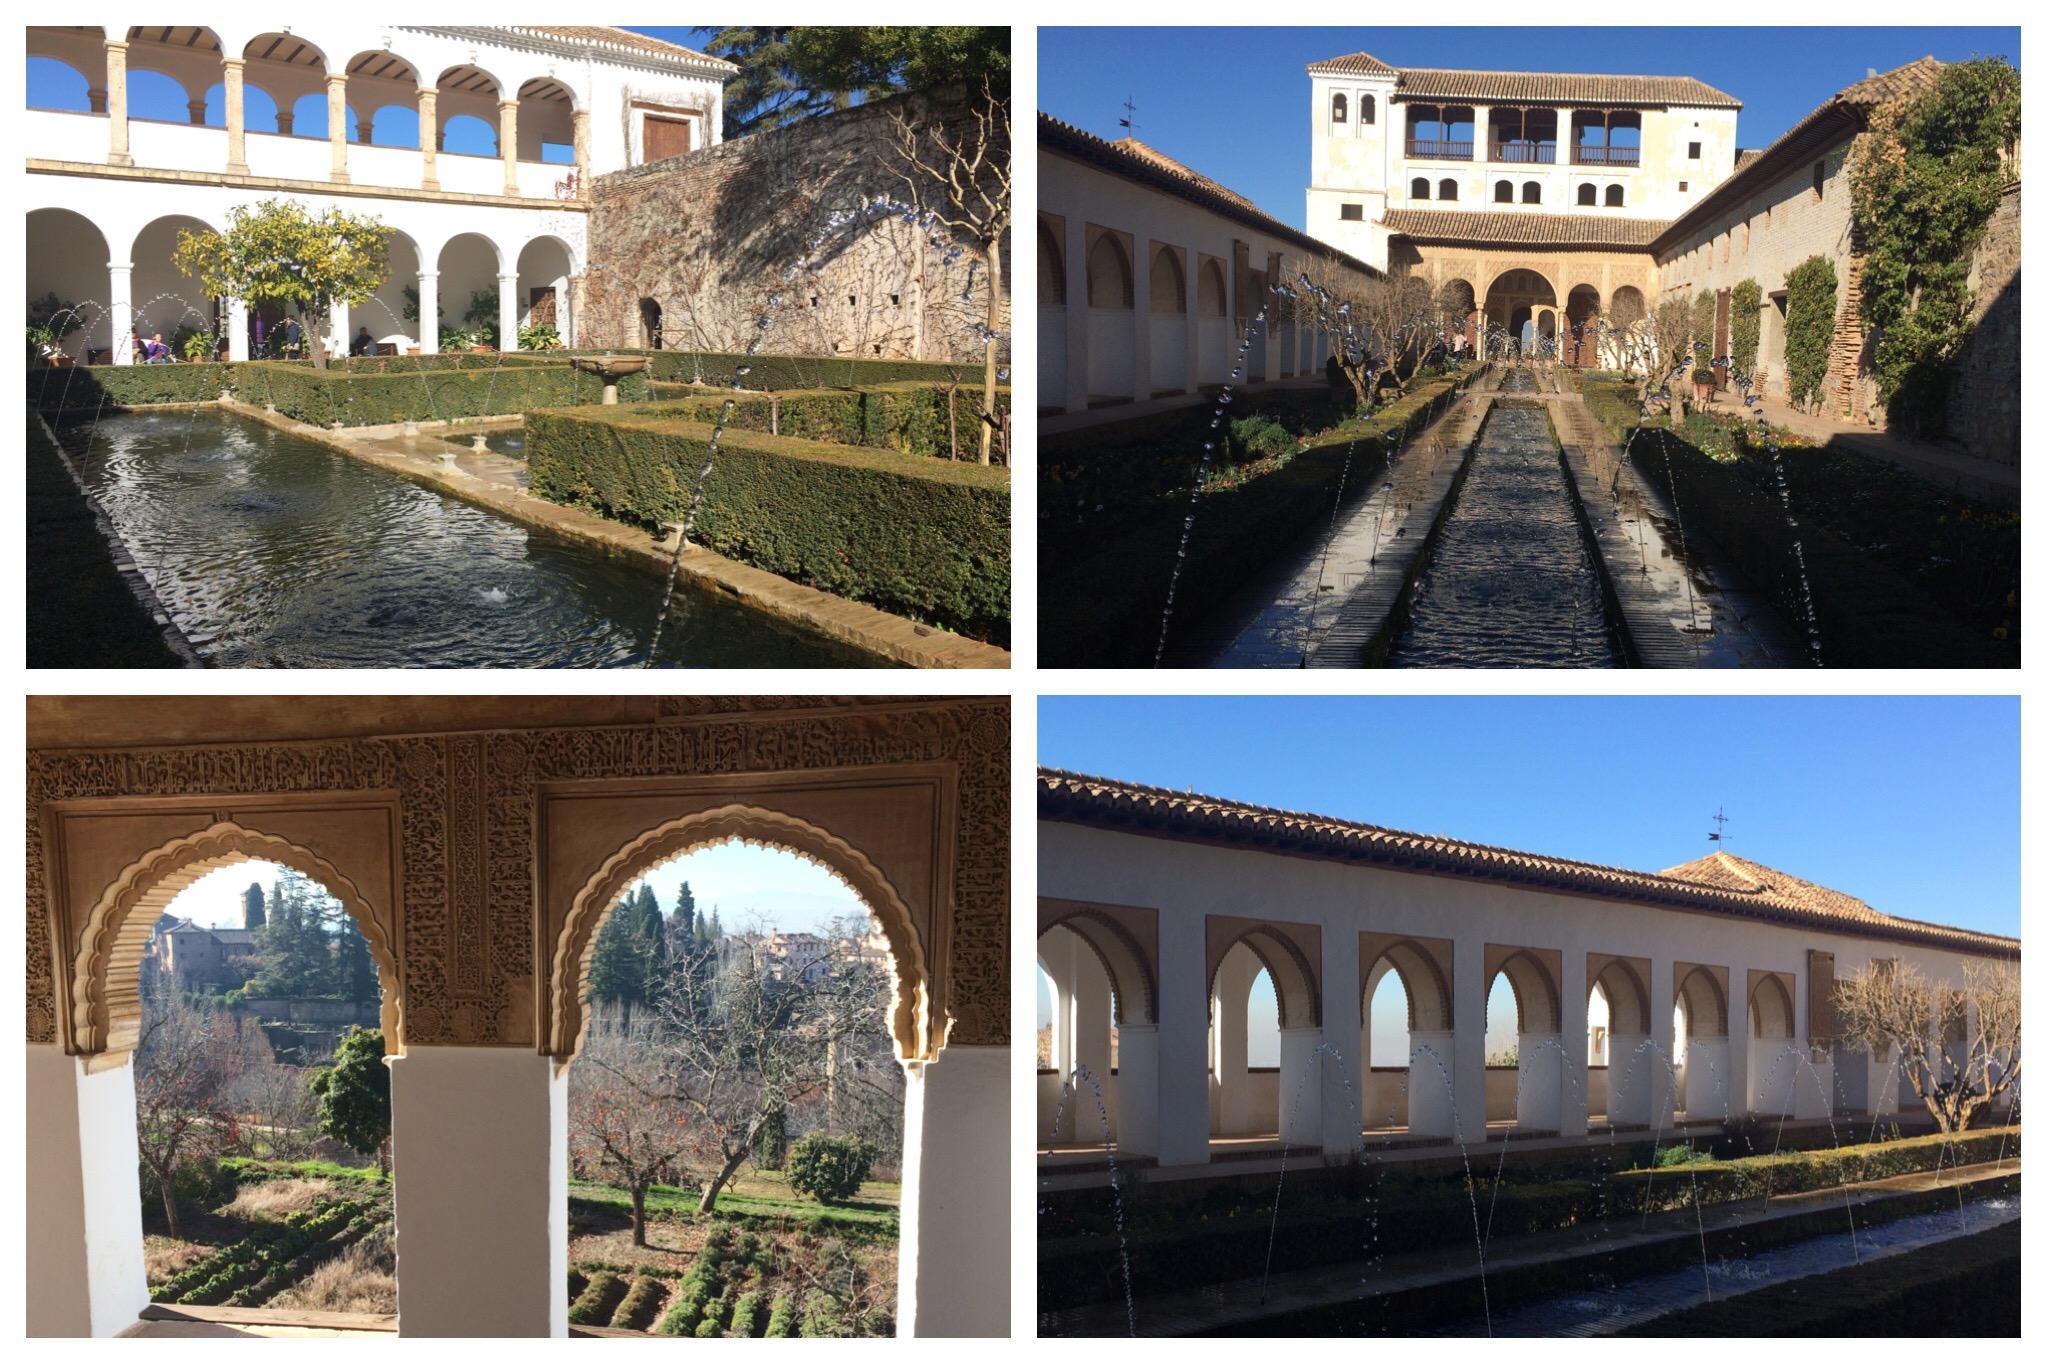 Alhambra Granada Spain - Generalife